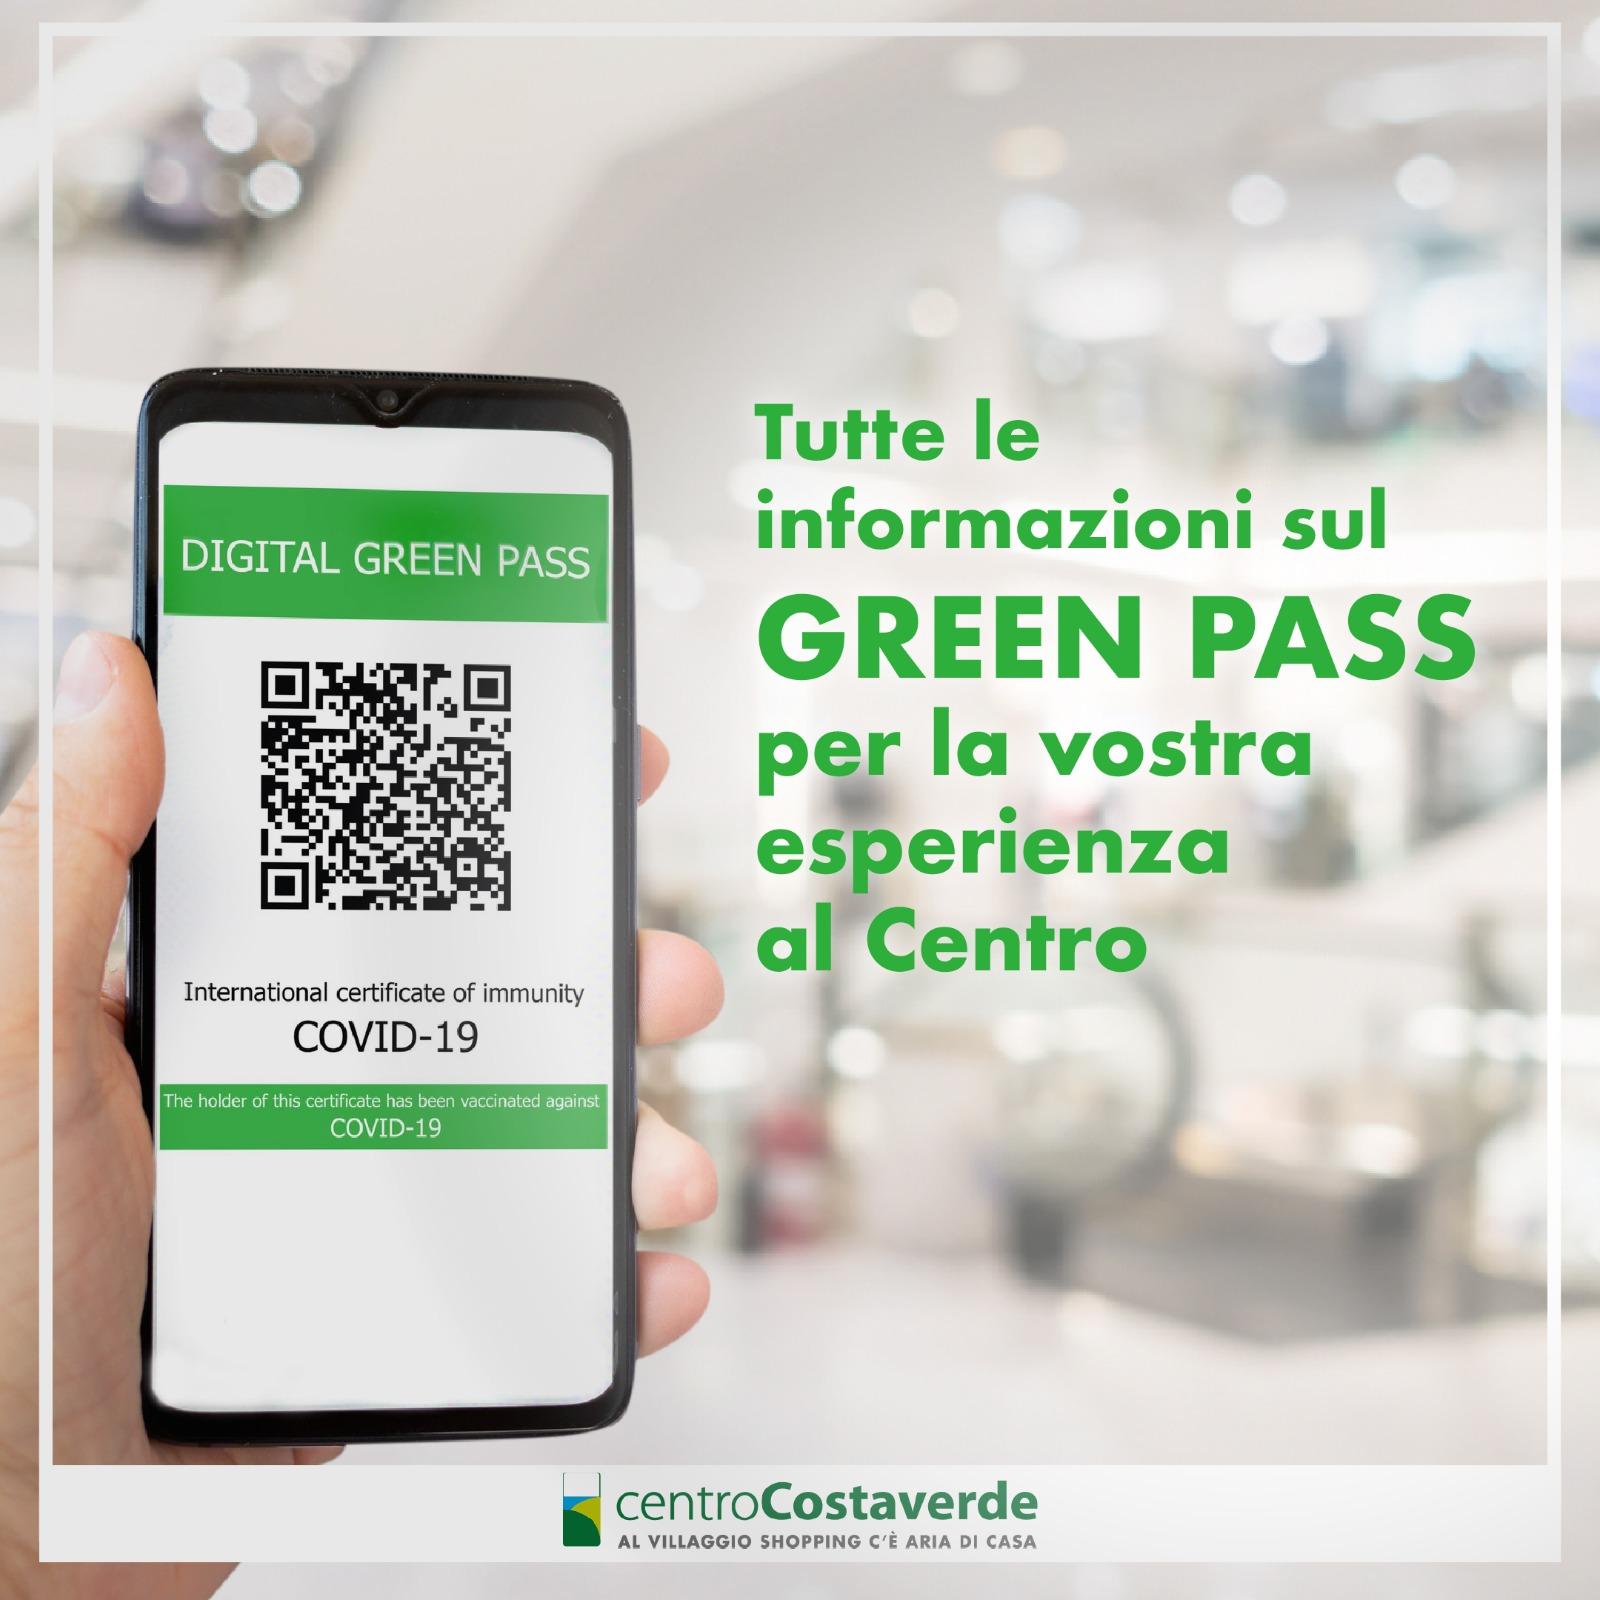 Green Pass al Centro Costaverde